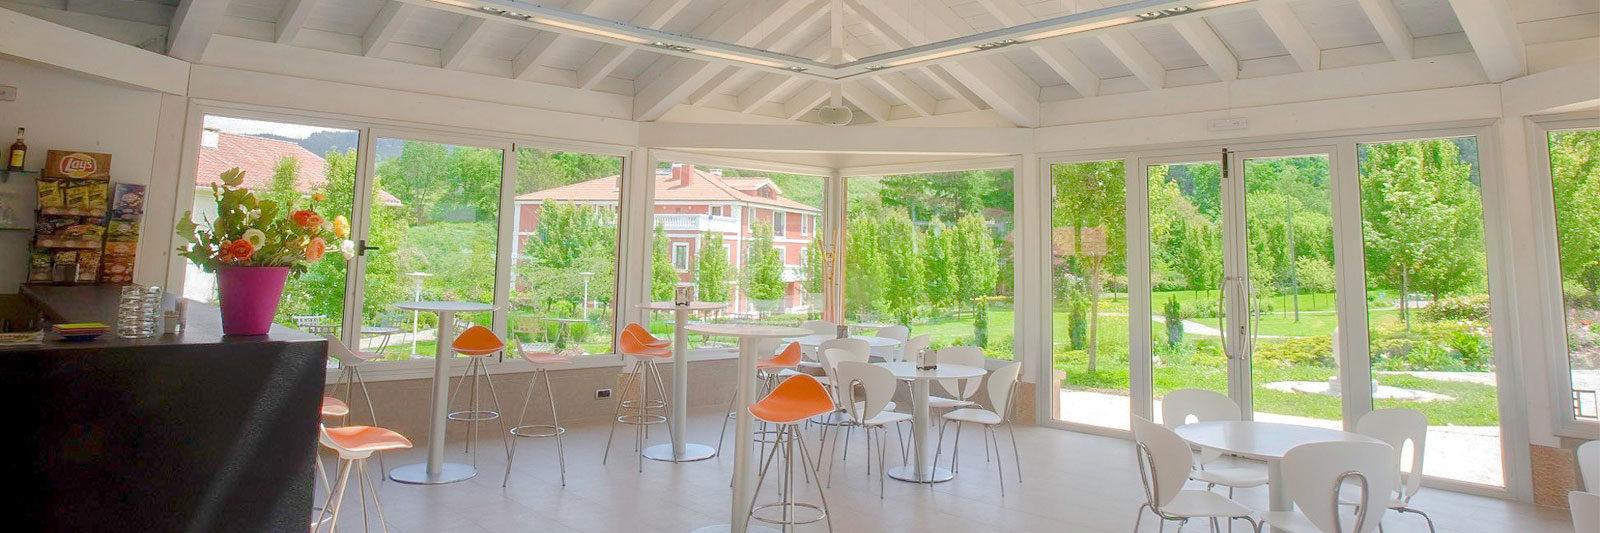 Bar Cafeteria en Artzentales